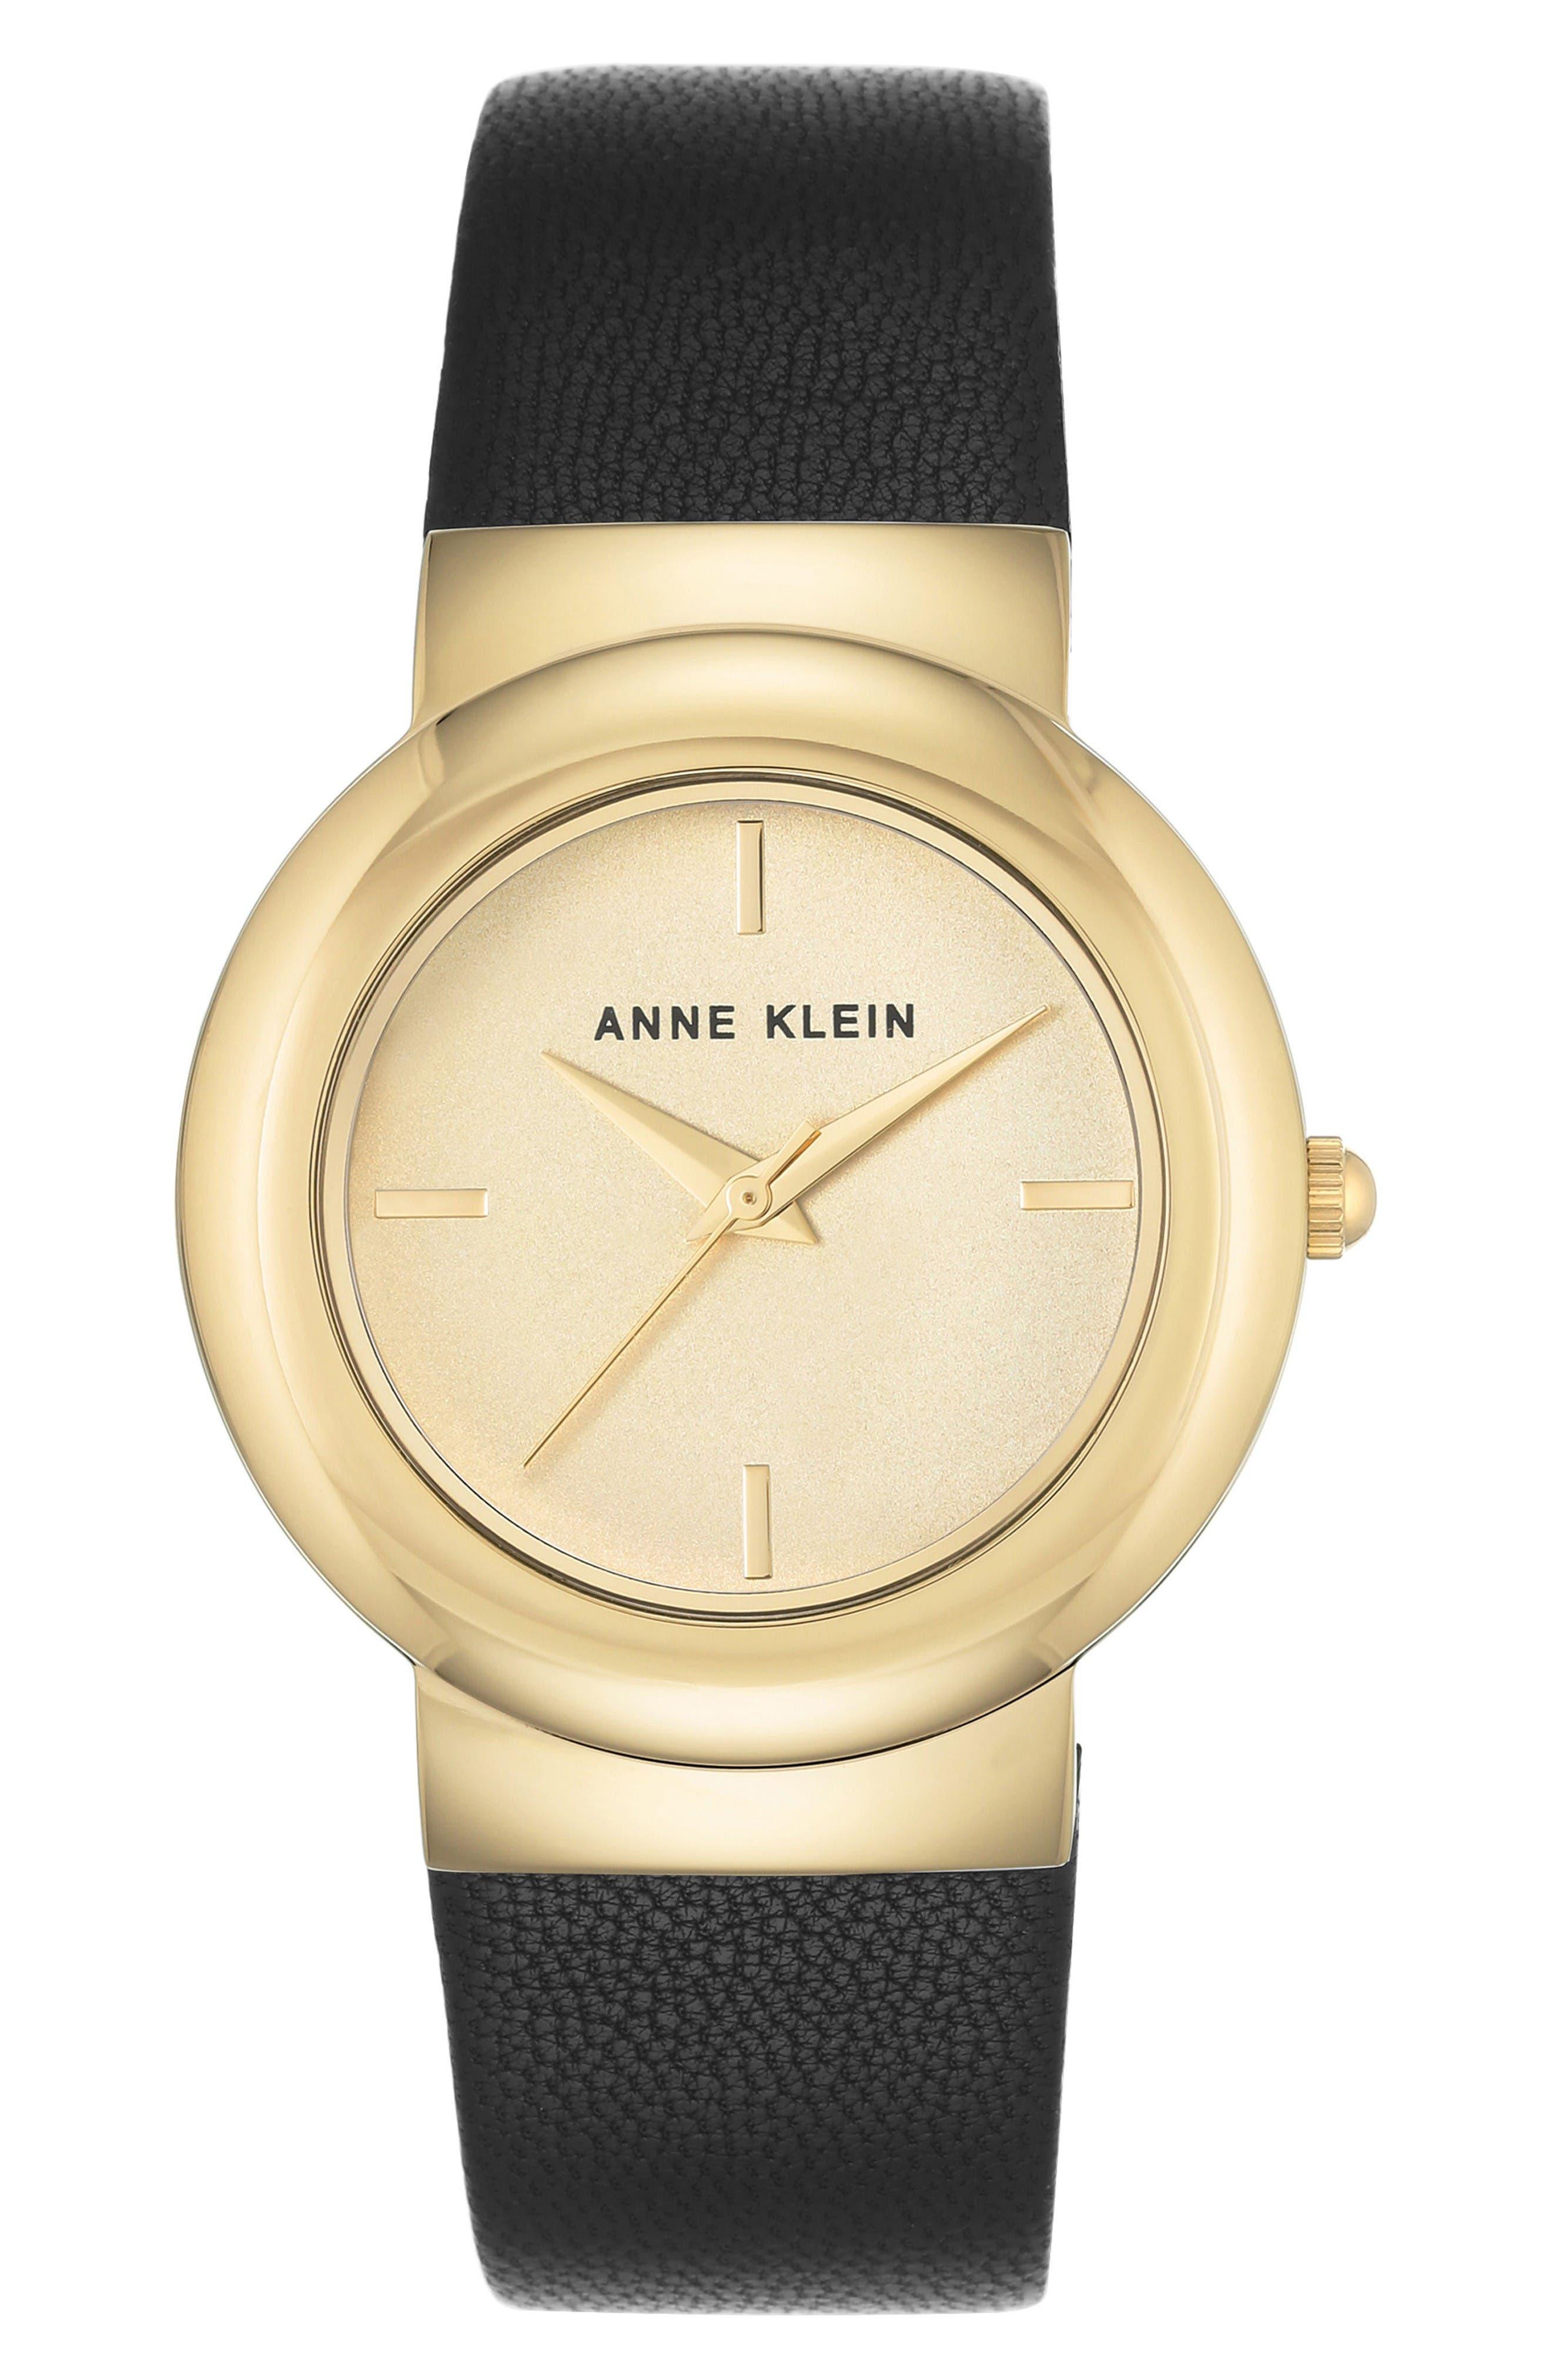 Anne Klein Round Leather Strap Watch, 36mm